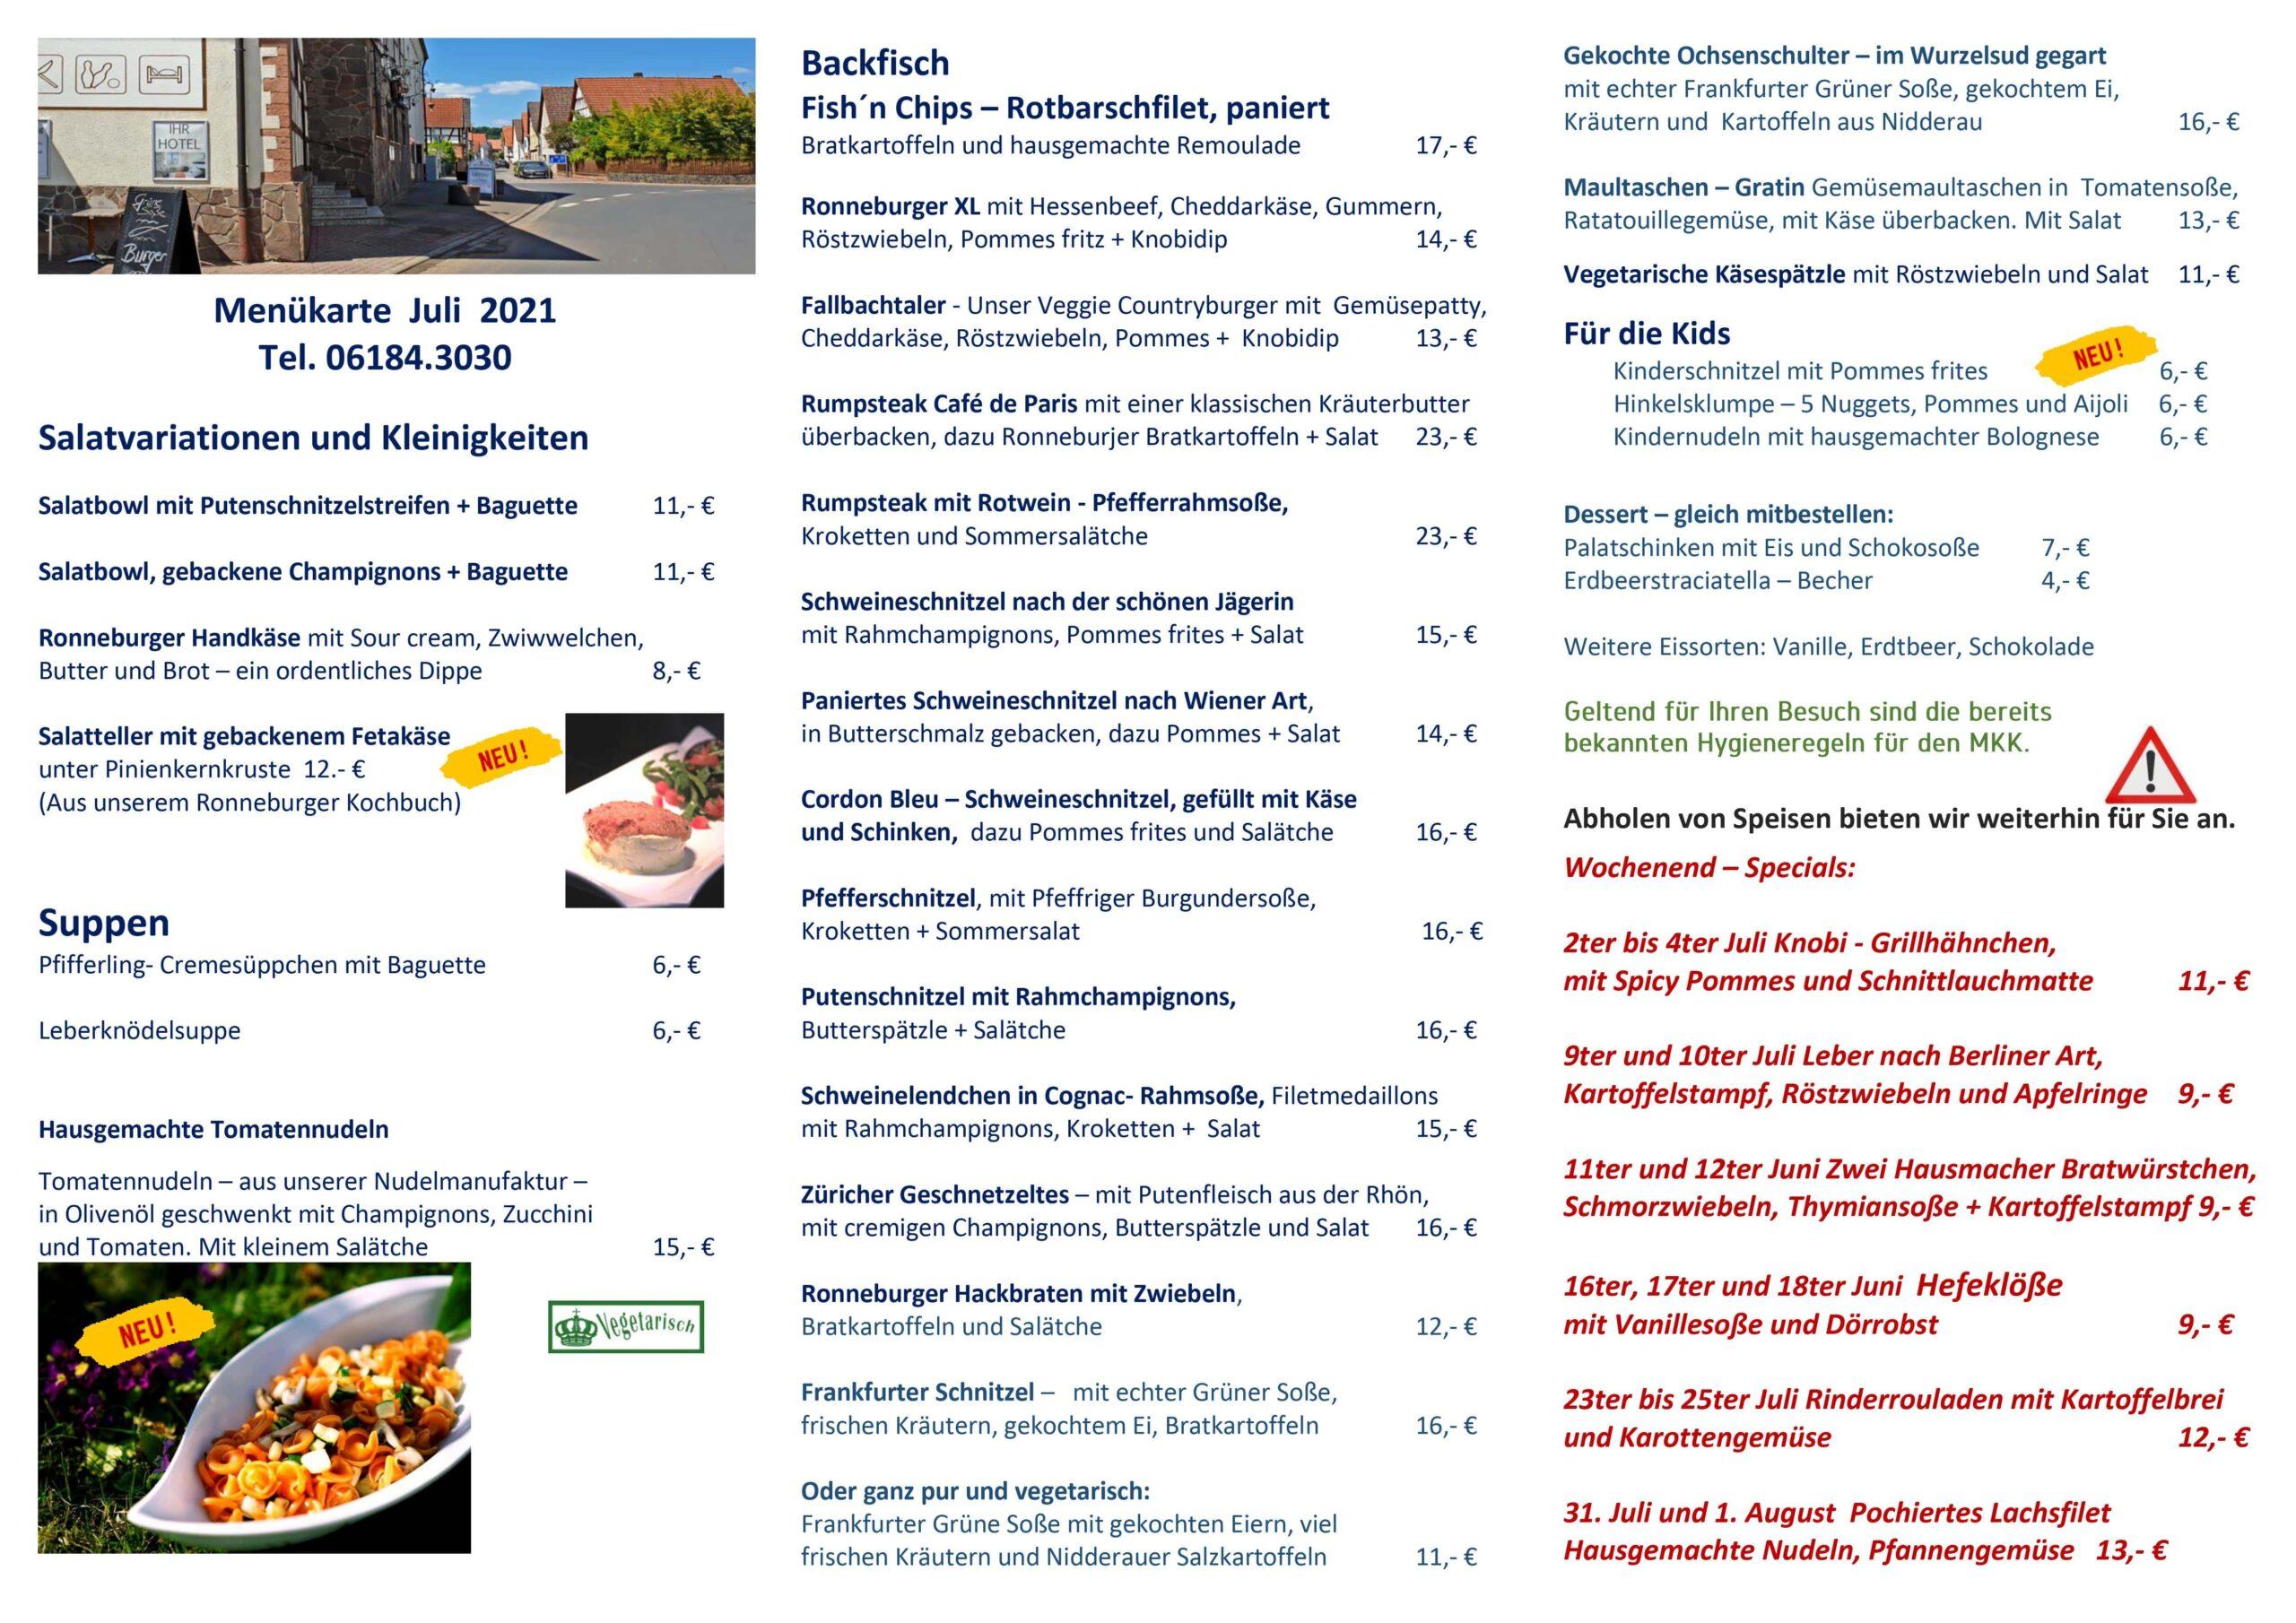 Zur Krone Ihre Heimatkuche In Ronneburg Restaurant Hotel Tagungen In Ronneburg